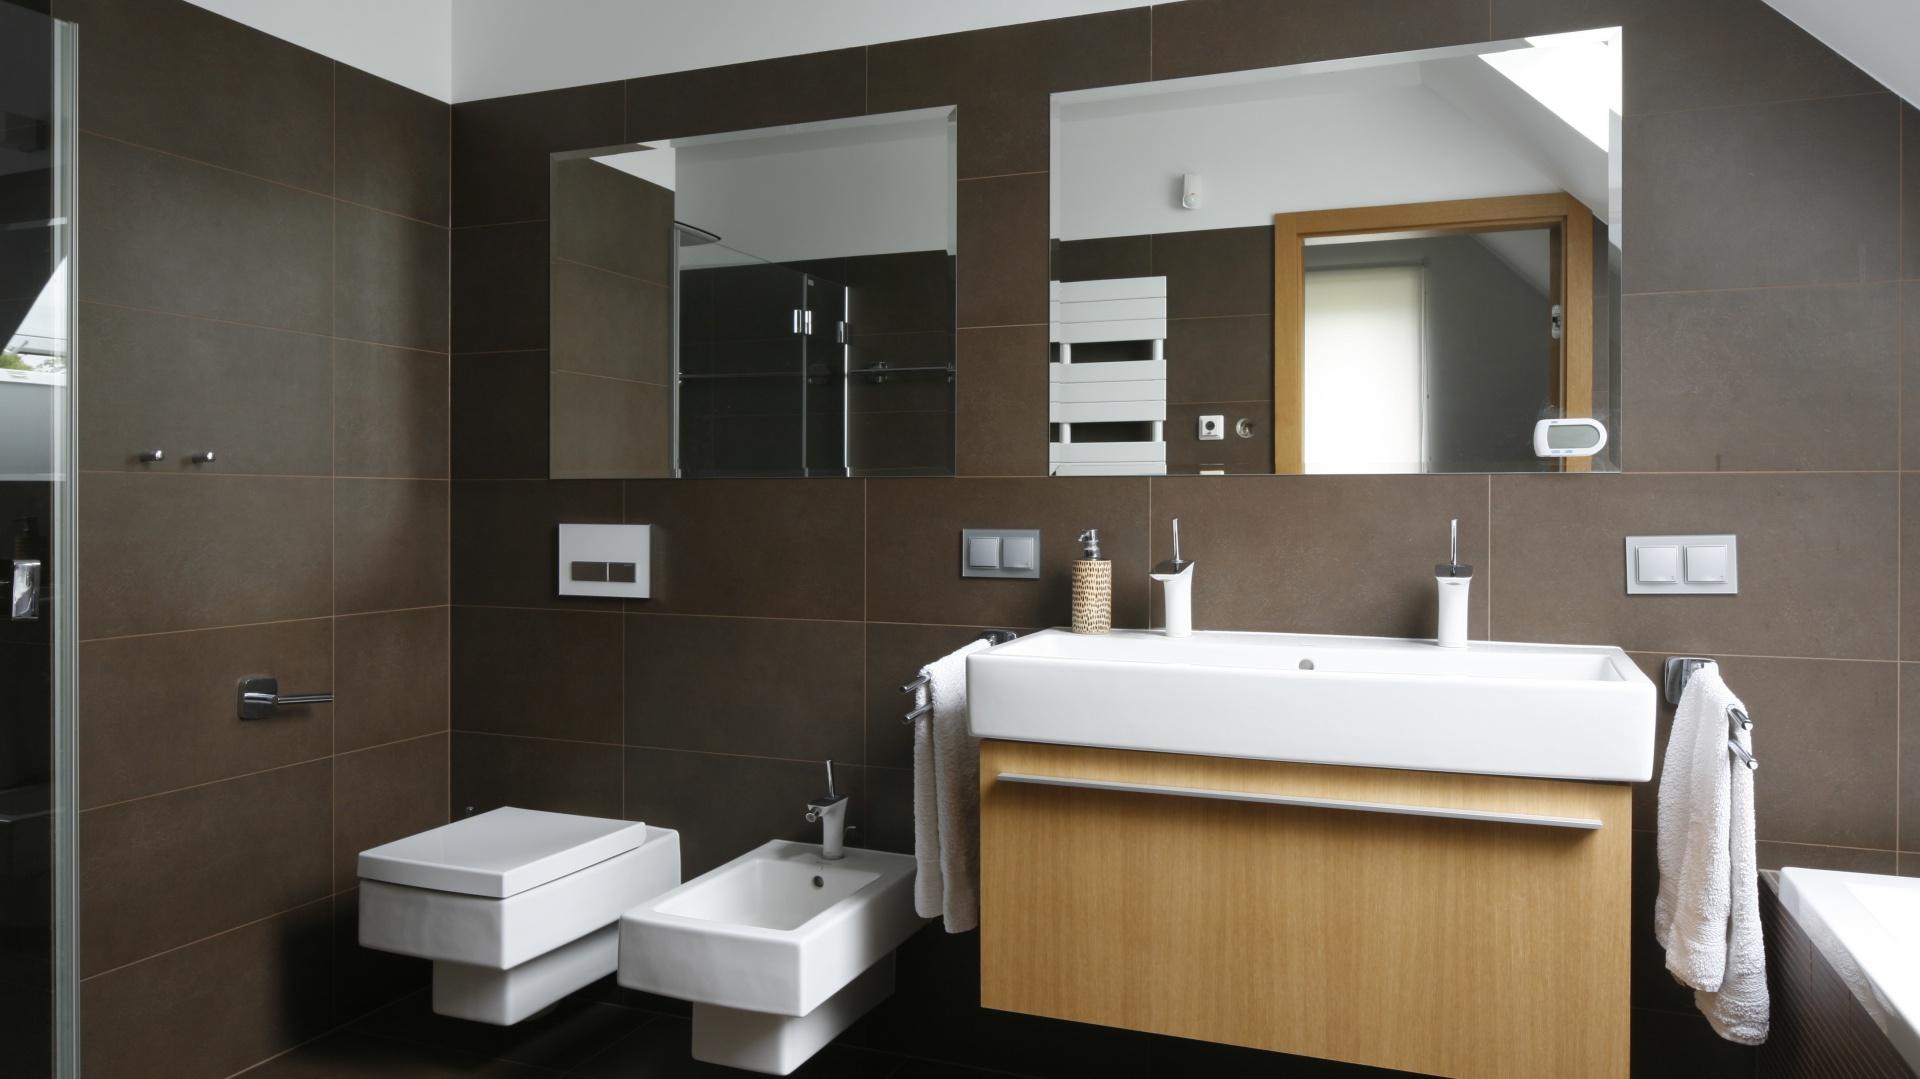 Aranżację łazienki oparto na stonowanym zestawieniu kolorystycznym. Ciemne brązy przełamano bielą ceramiki i ciepłym odcieniem szafki podumywalkowej. Umywalka meblowa z dwoma otworami na baterię to praktyczne rozwiązanie, które świetnie sprawdzi się w łazience dla dwojga. Fot. Bartosz Jarosz.